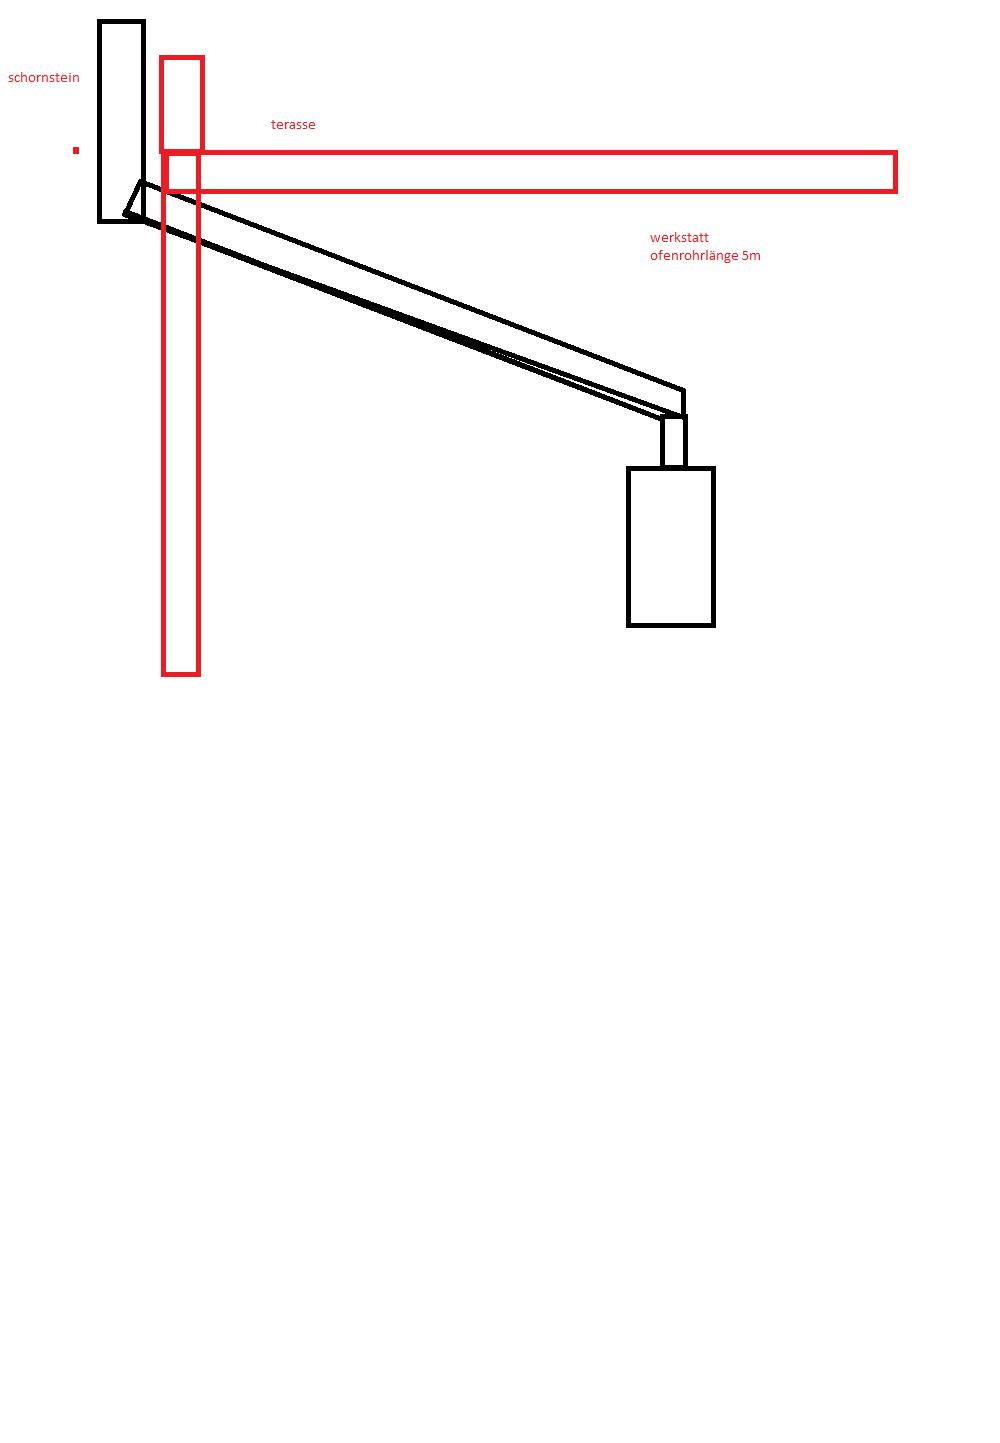 kann ich das ofenrohr so verlegen ofen kamin. Black Bedroom Furniture Sets. Home Design Ideas